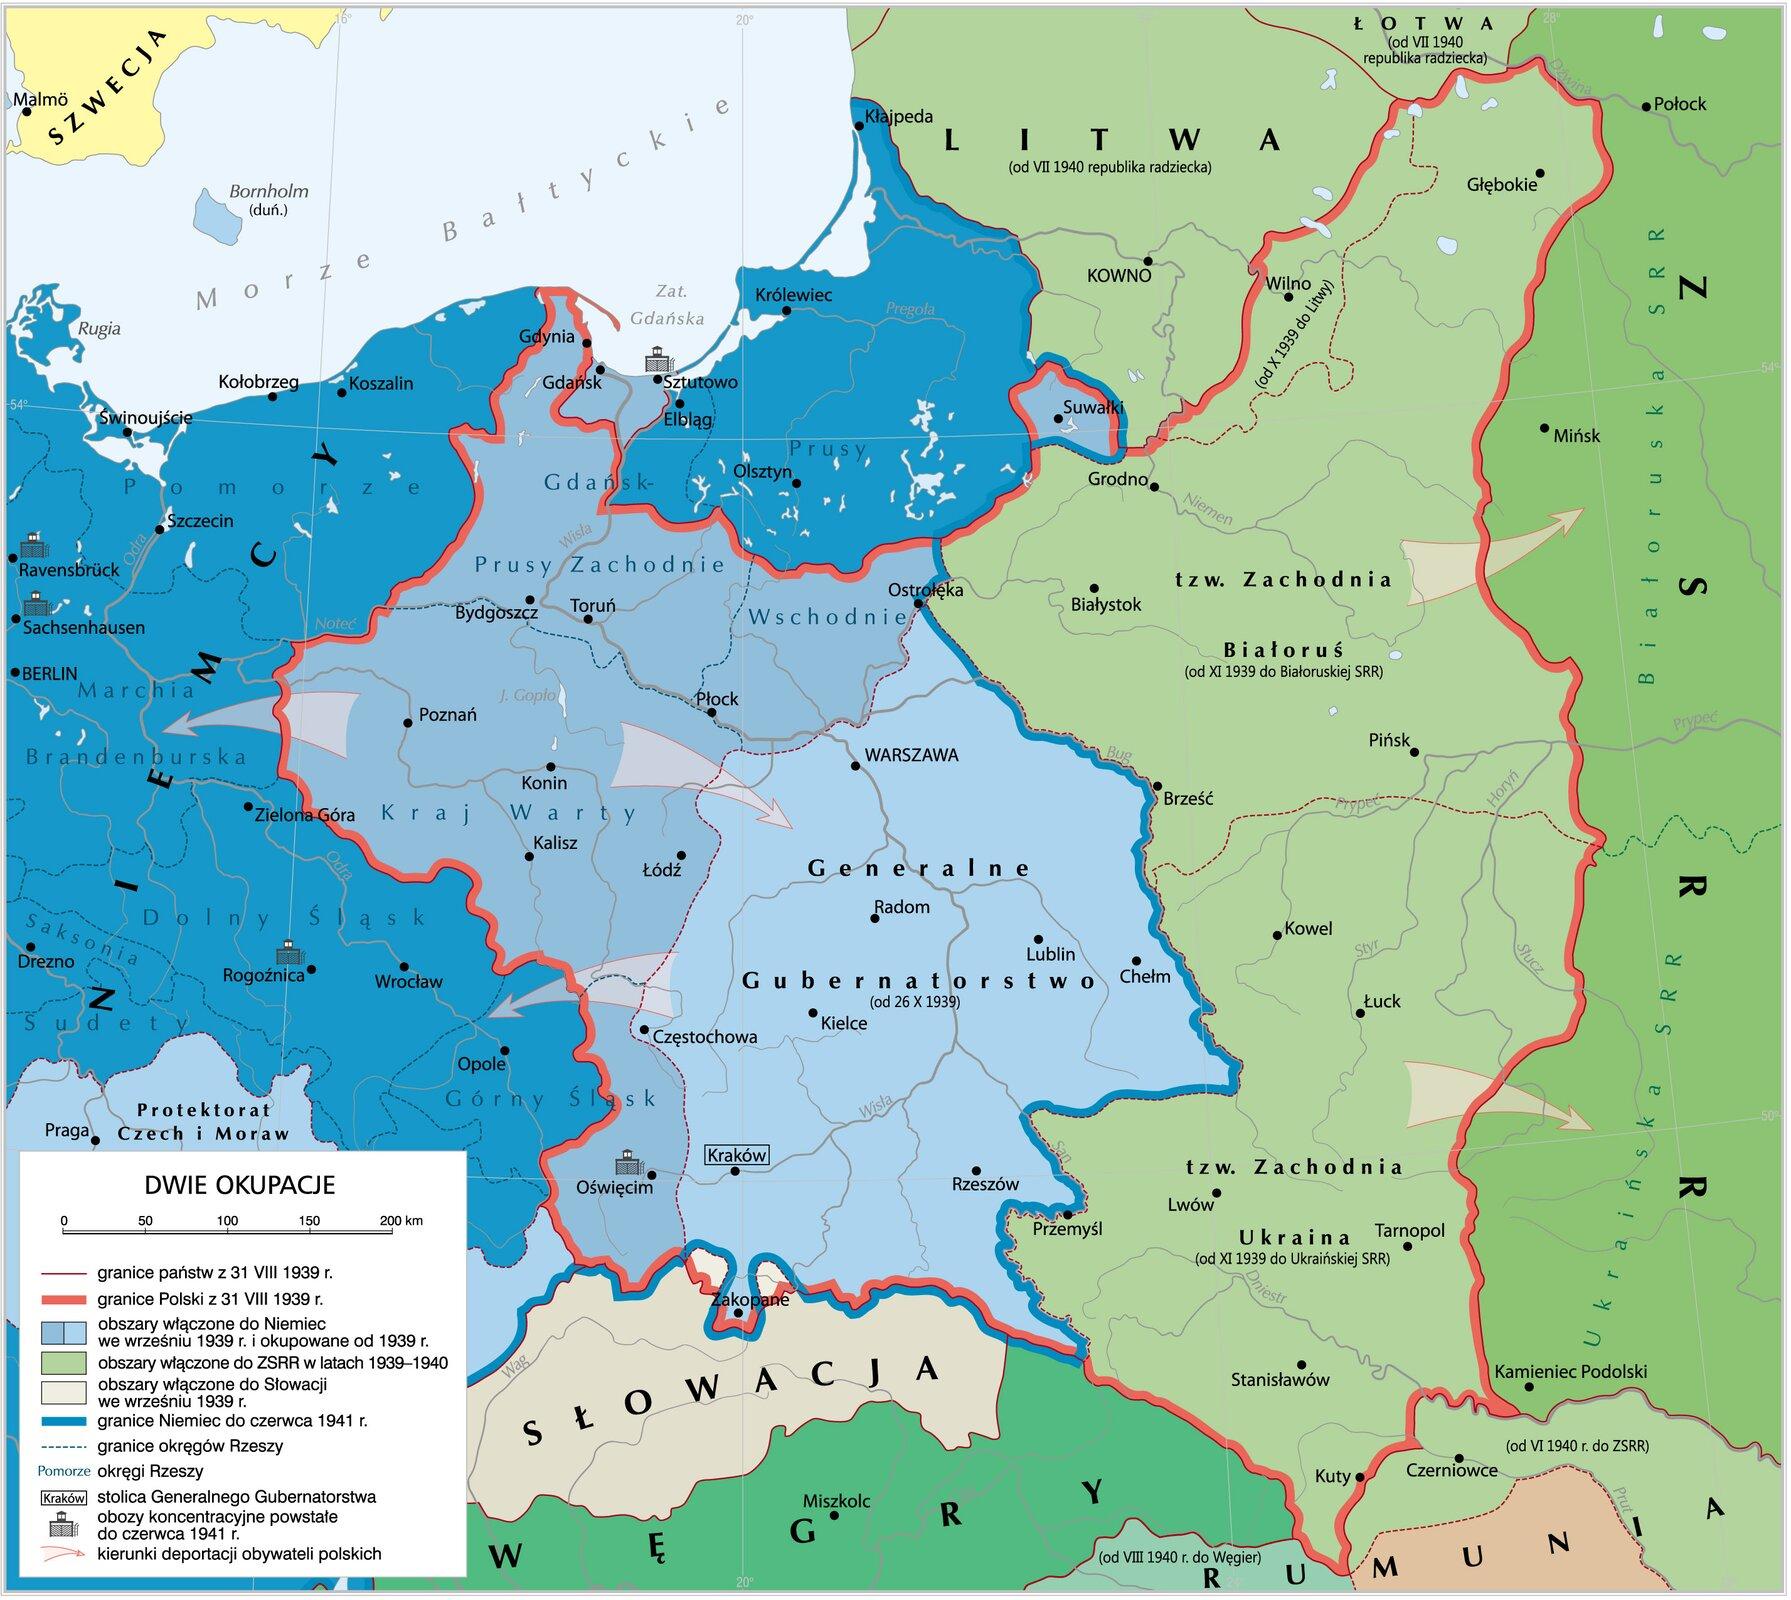 Polska pod okupacją niemiecką isowiecką Polska pod okupacją niemiecką isowiecką Źródło: Krystian Chariza izespół, licencja: CC BY 3.0.